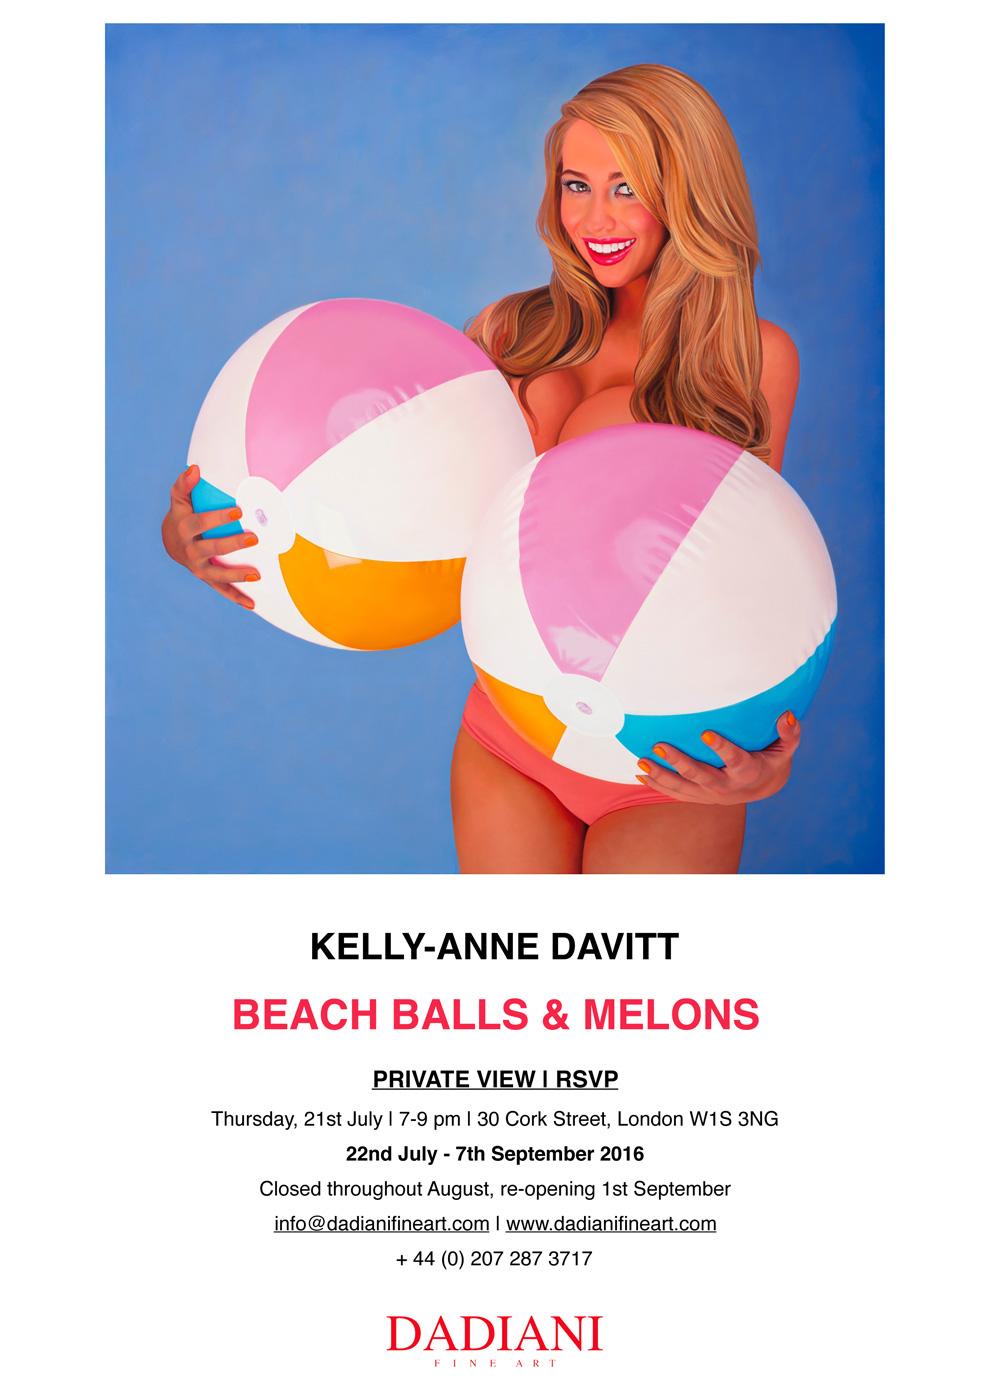 Kelly-Anne Davitt Beach Balls & Melons